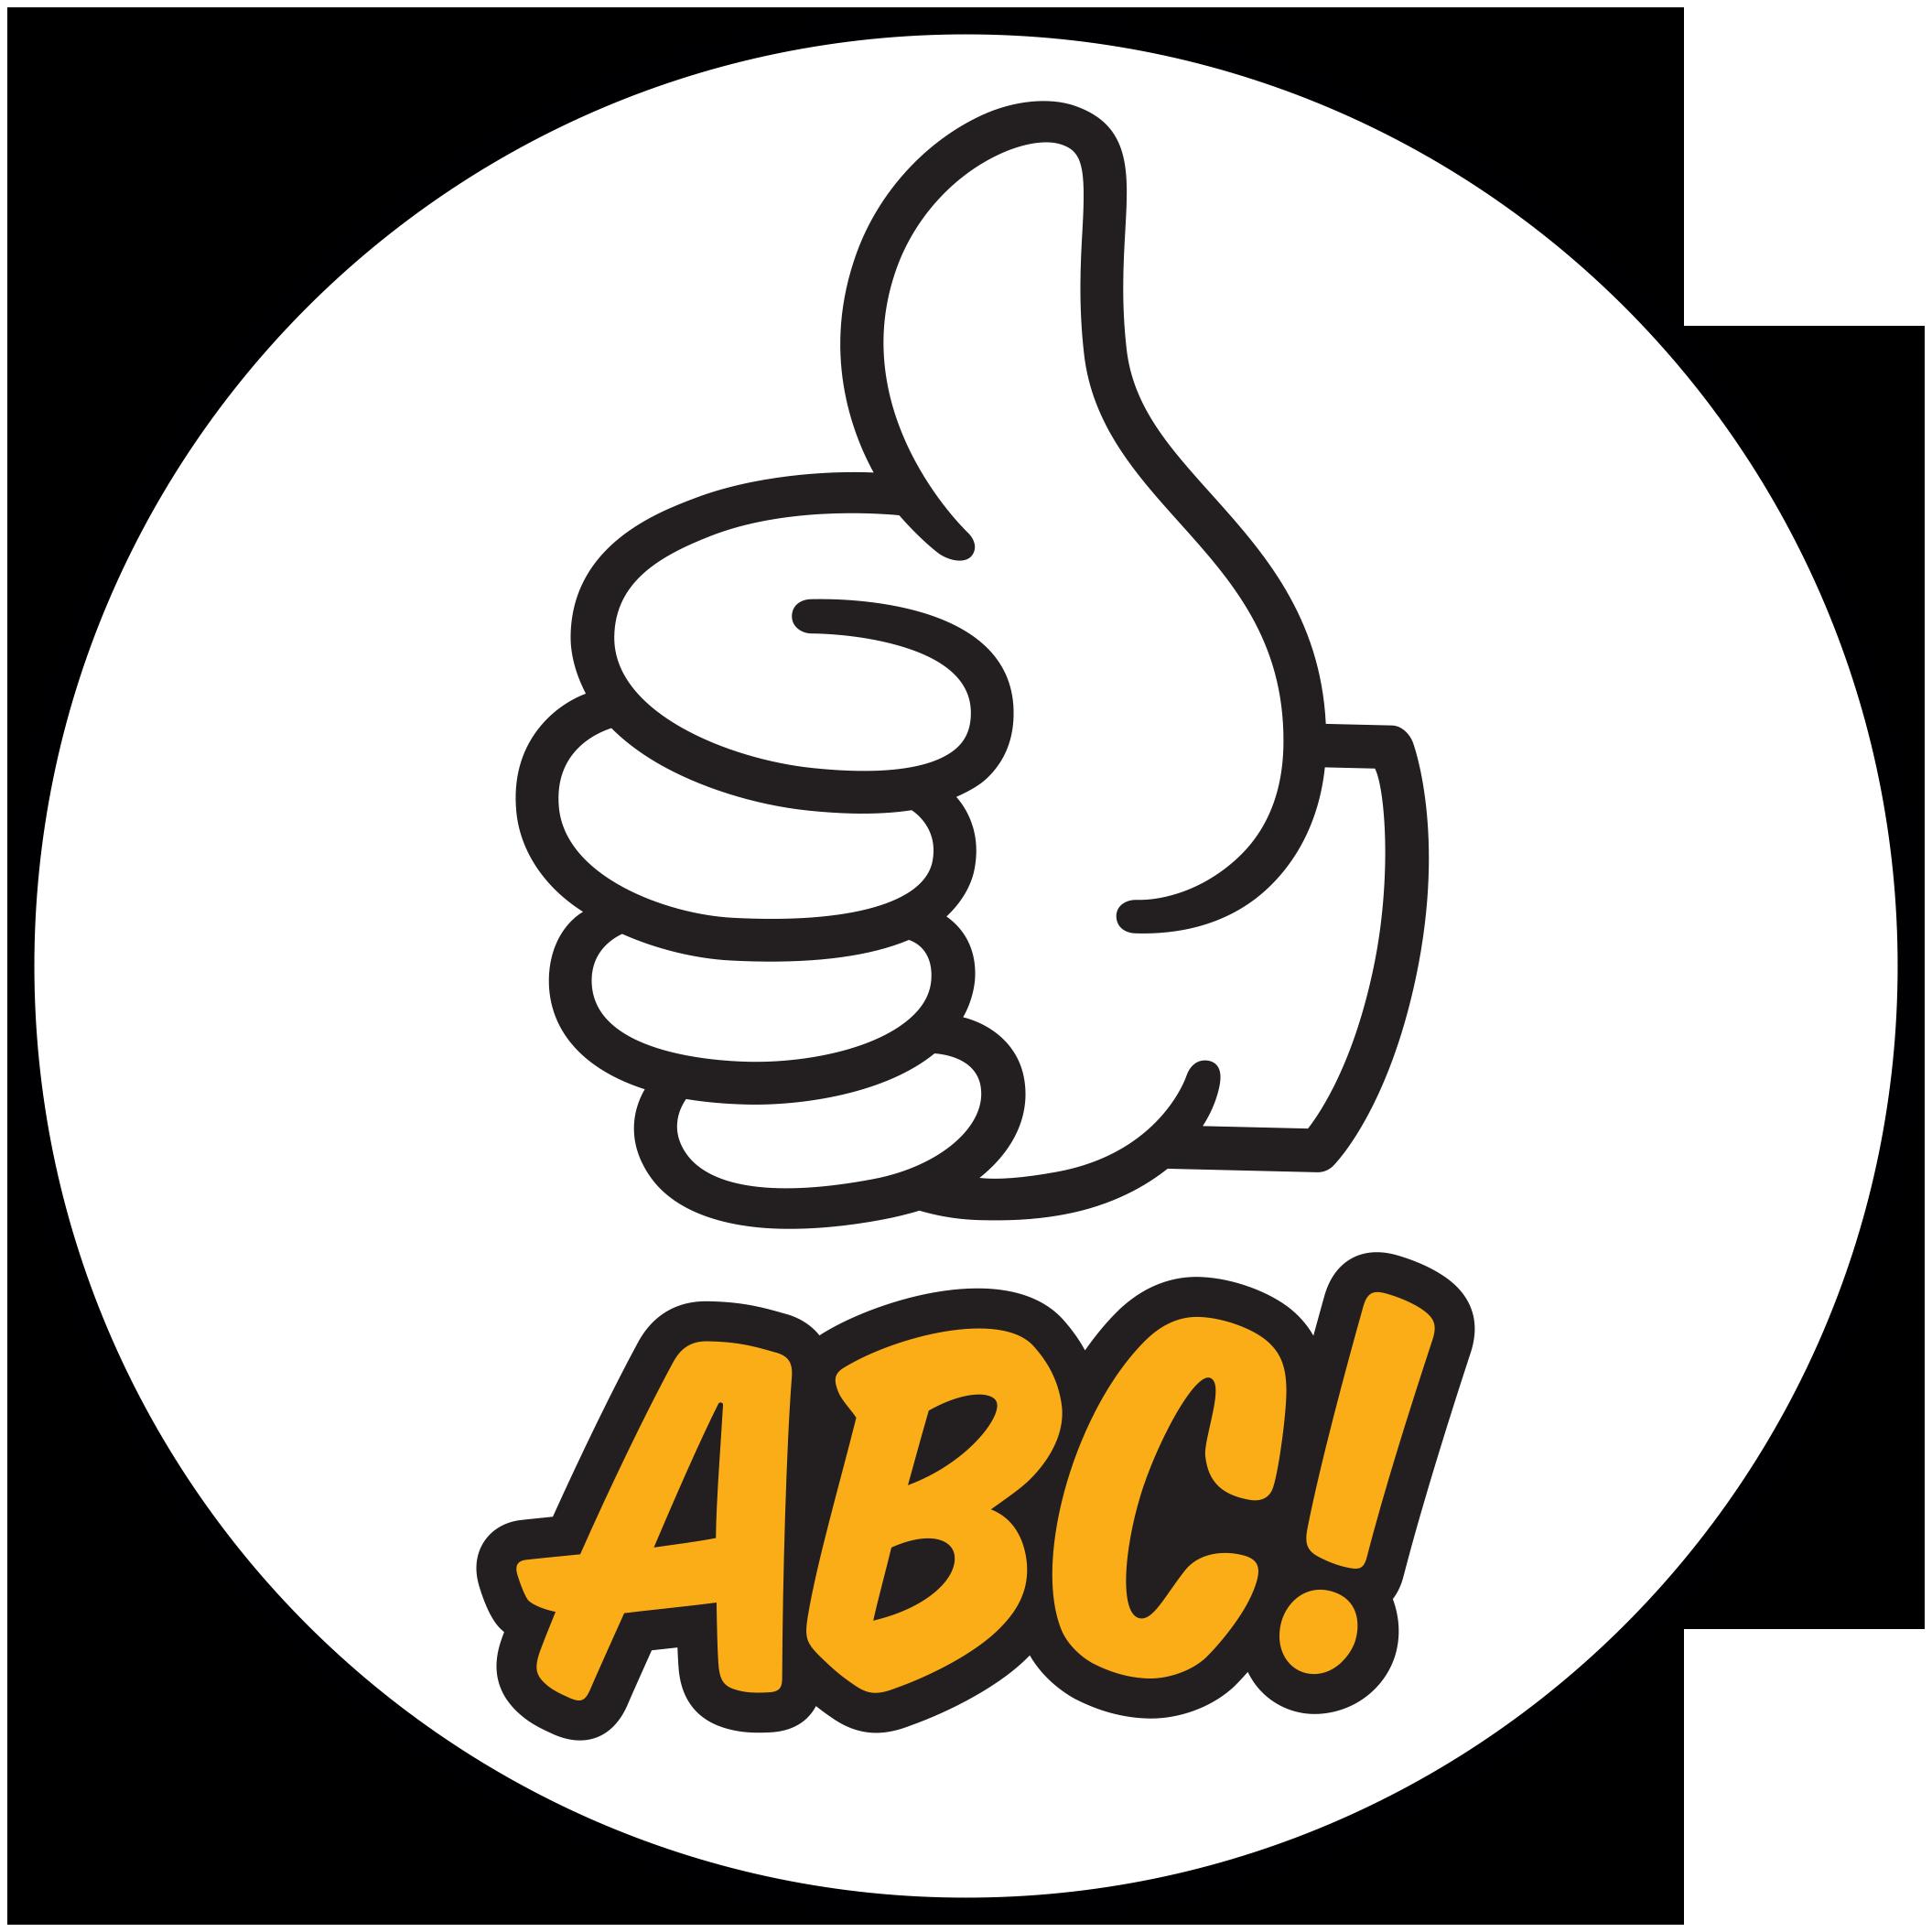 ABC Hyvinkää